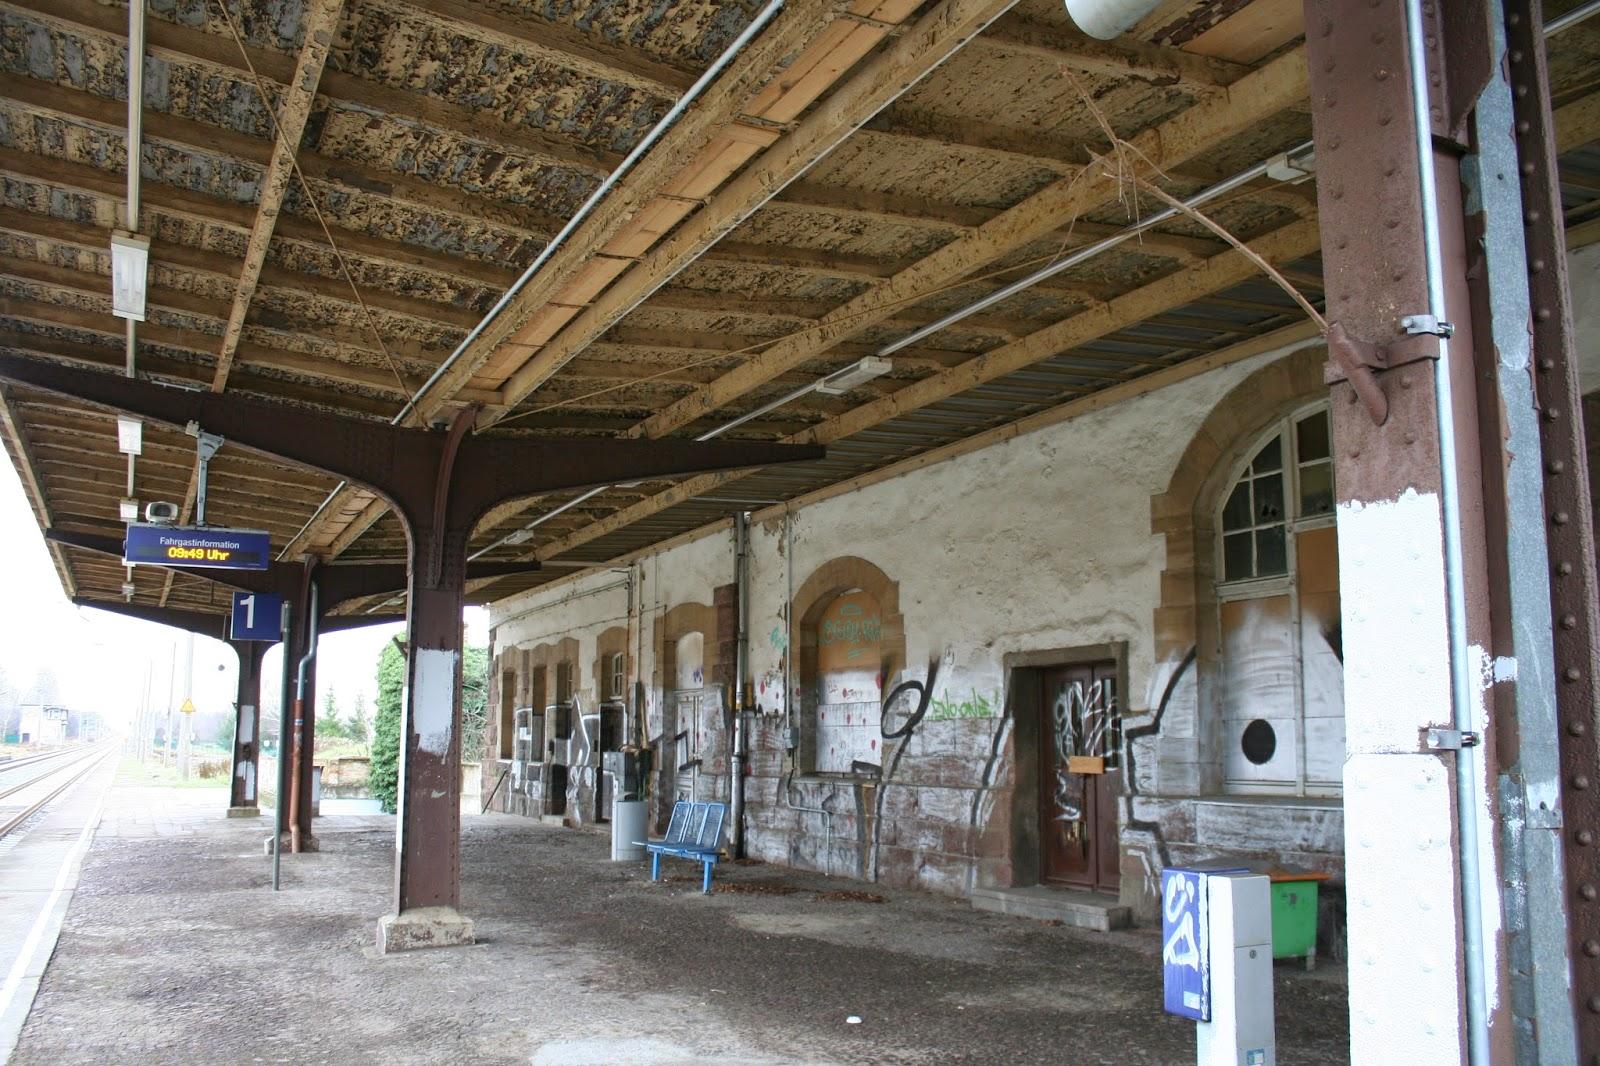 Bahnsteigüberdachung Bahnhof Miltitz